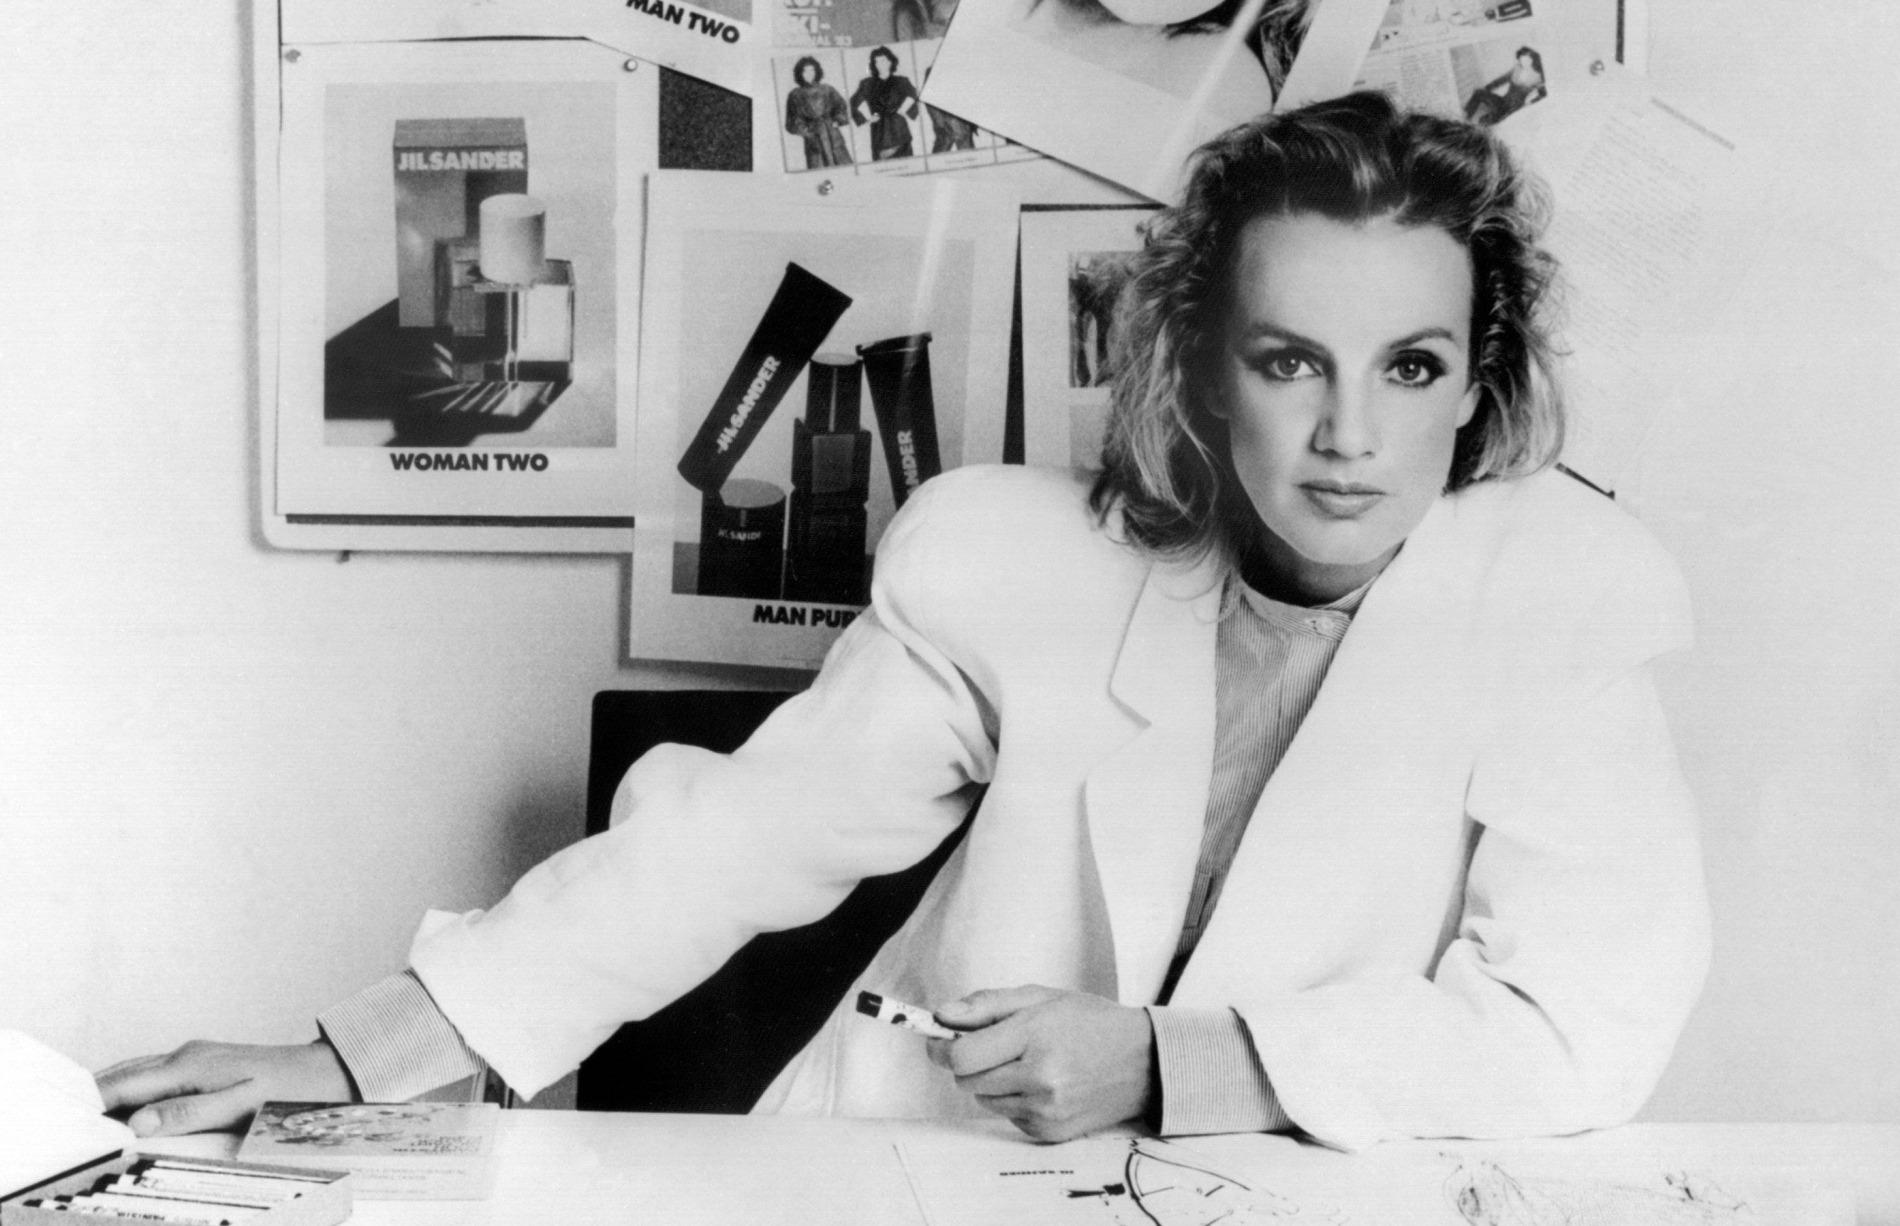 Jil Sander Designer Portrait in 1983